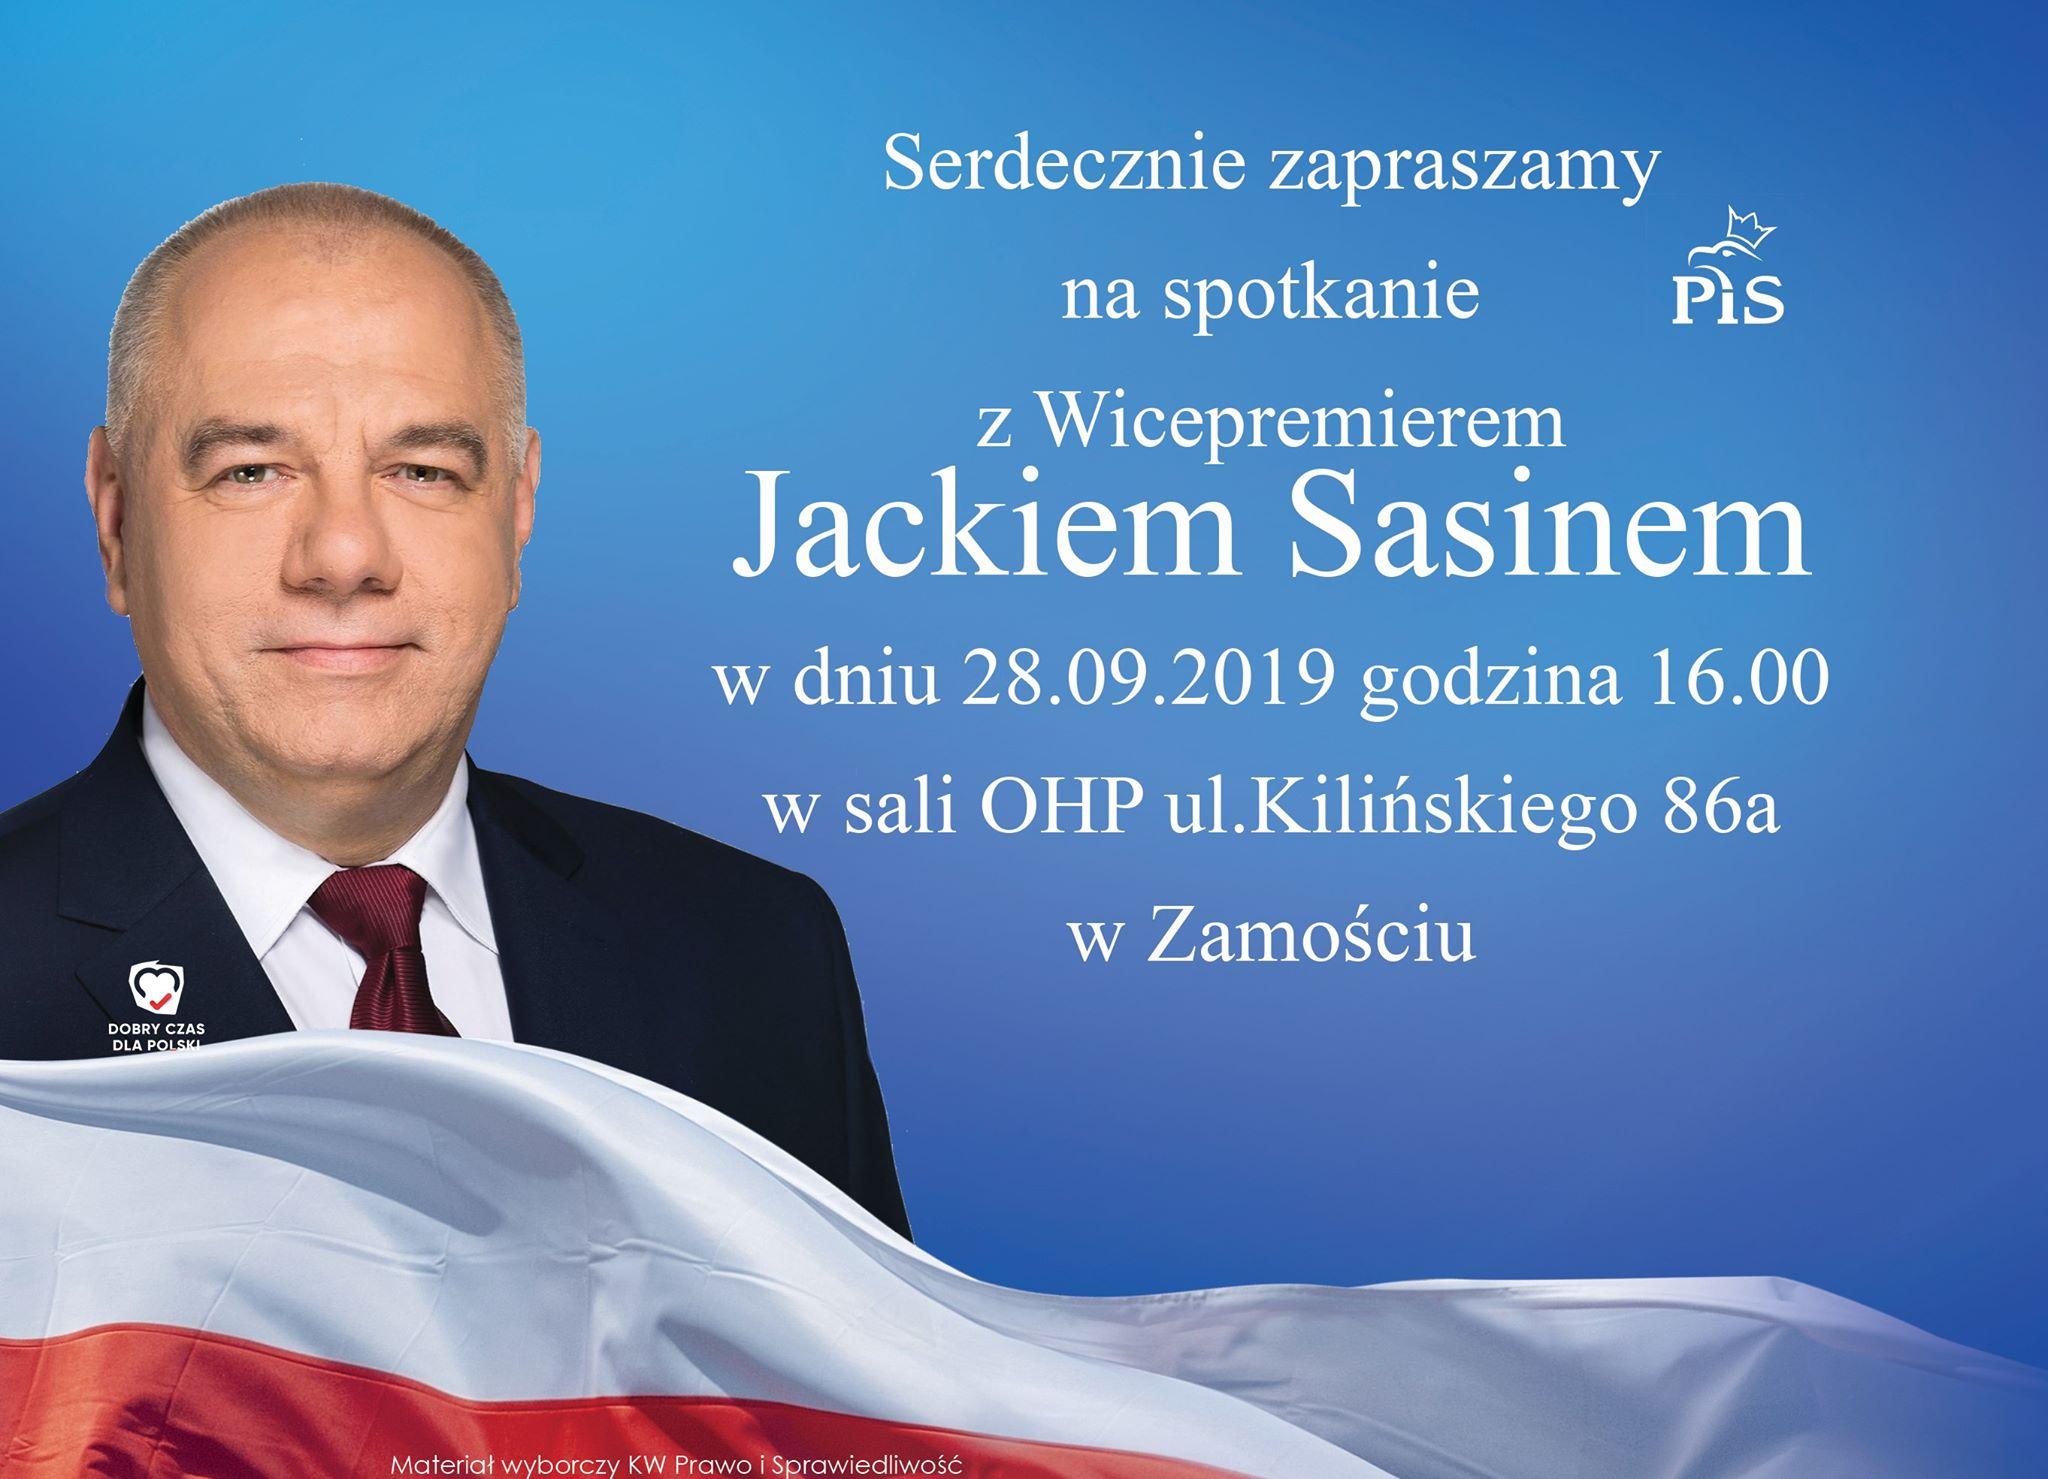 71047886 504621116993294 8701828321240940544 n Zamość: Spotkanie wyborcze z Jackiem Sasinem